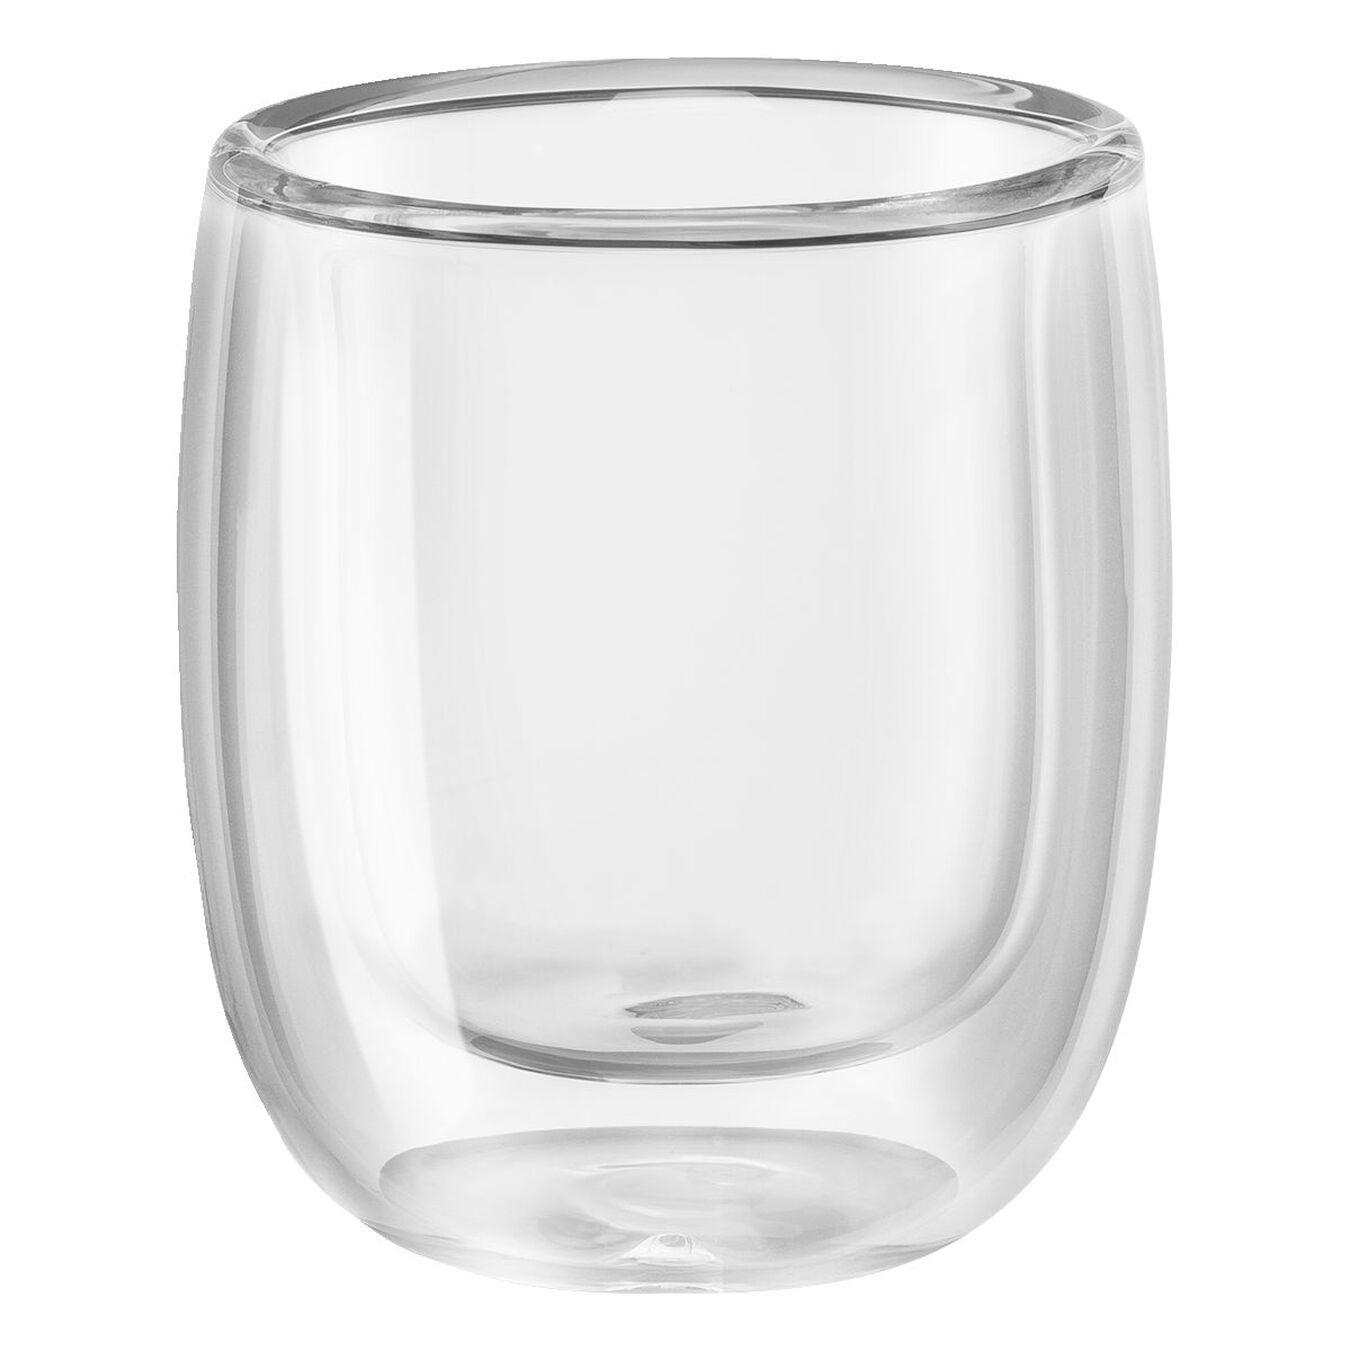 Service de verres à expresso à double paroi, 2-pces,,large 4